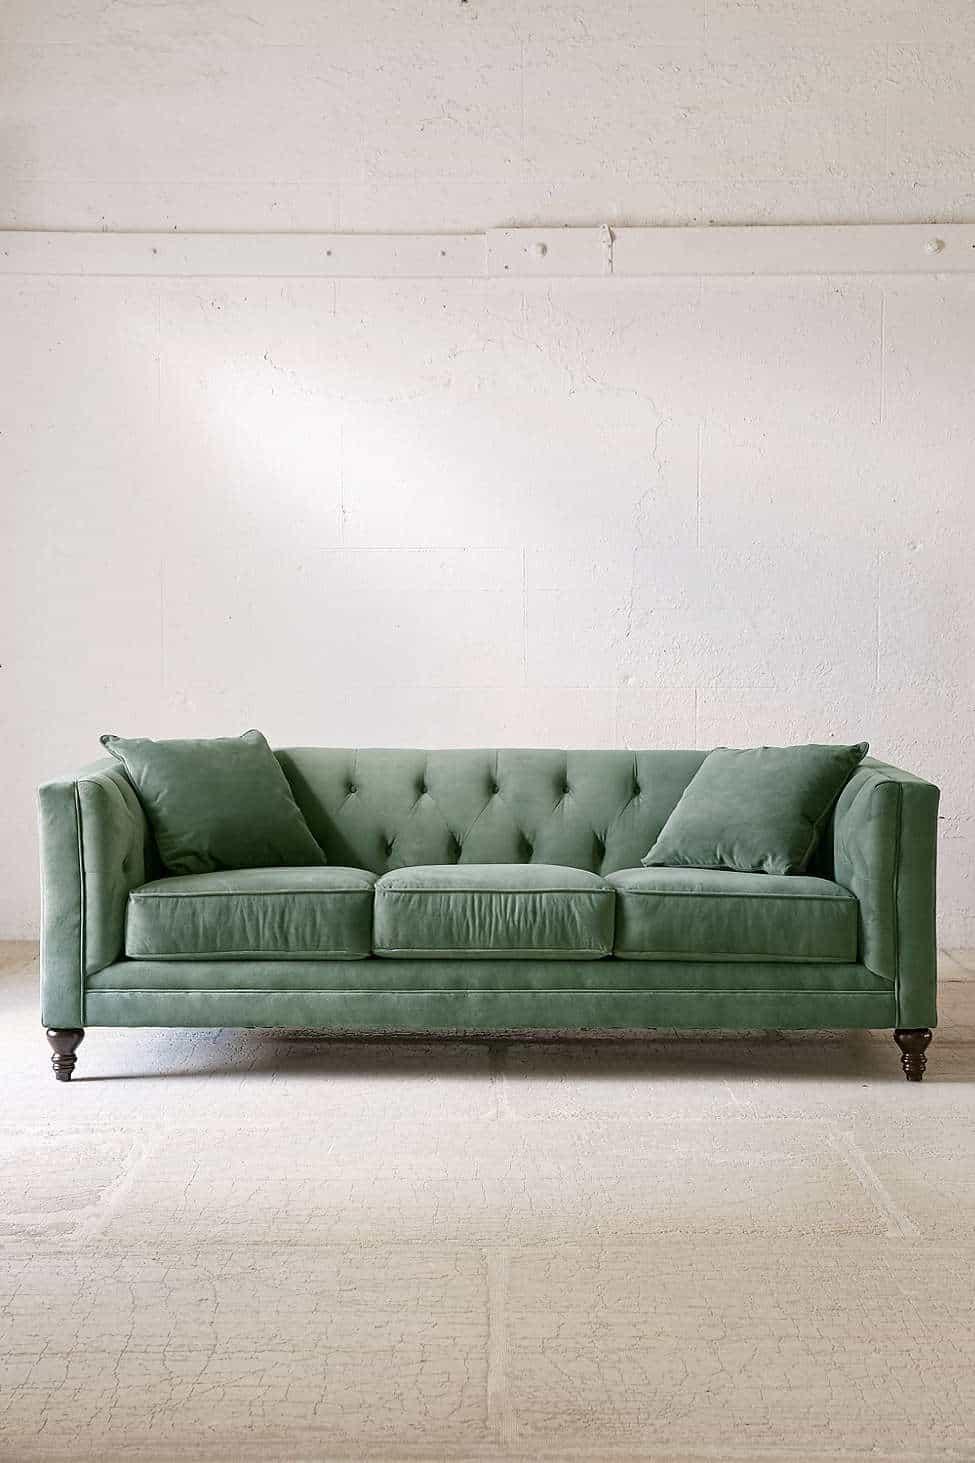 Graham Velvet sofa from Urban Outfitters